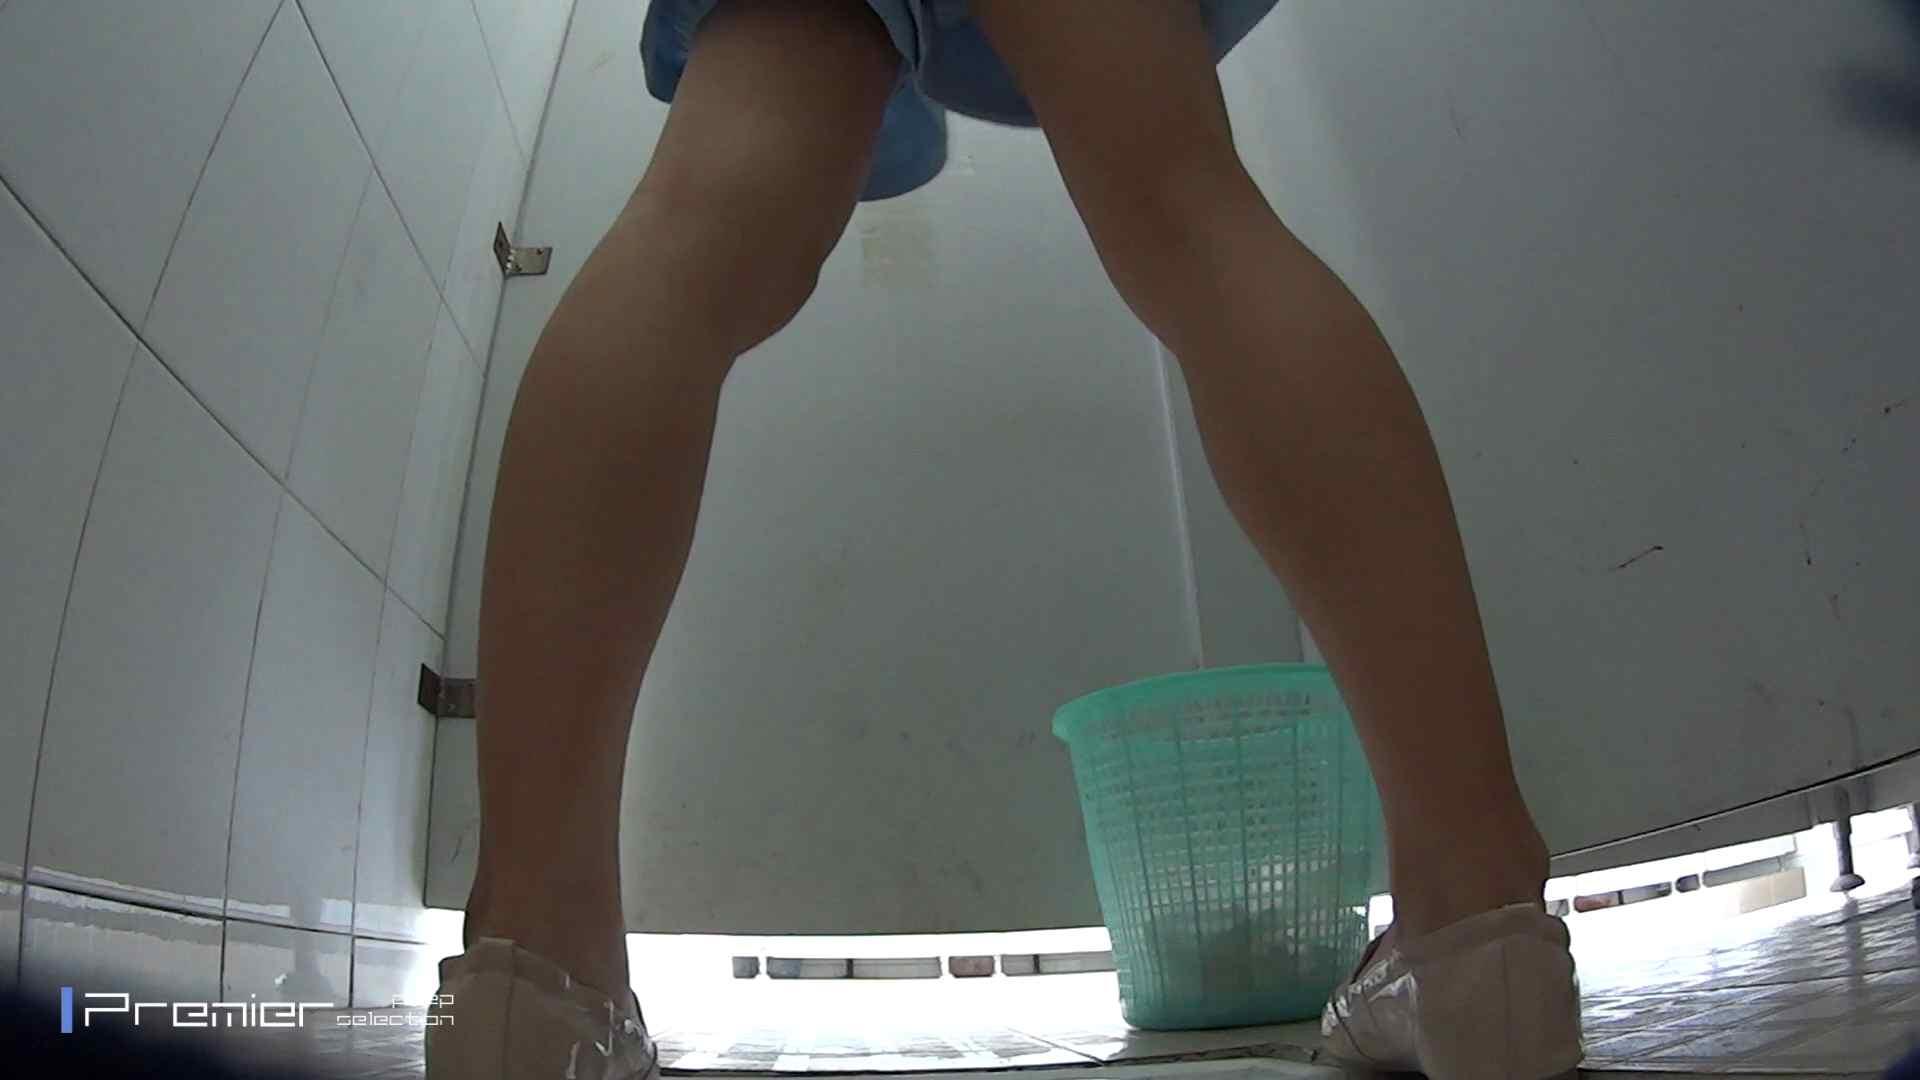 美しい女良たちのトイレ事情 有名大学休憩時間の洗面所事情06 盗撮映像大放出  80連発 5